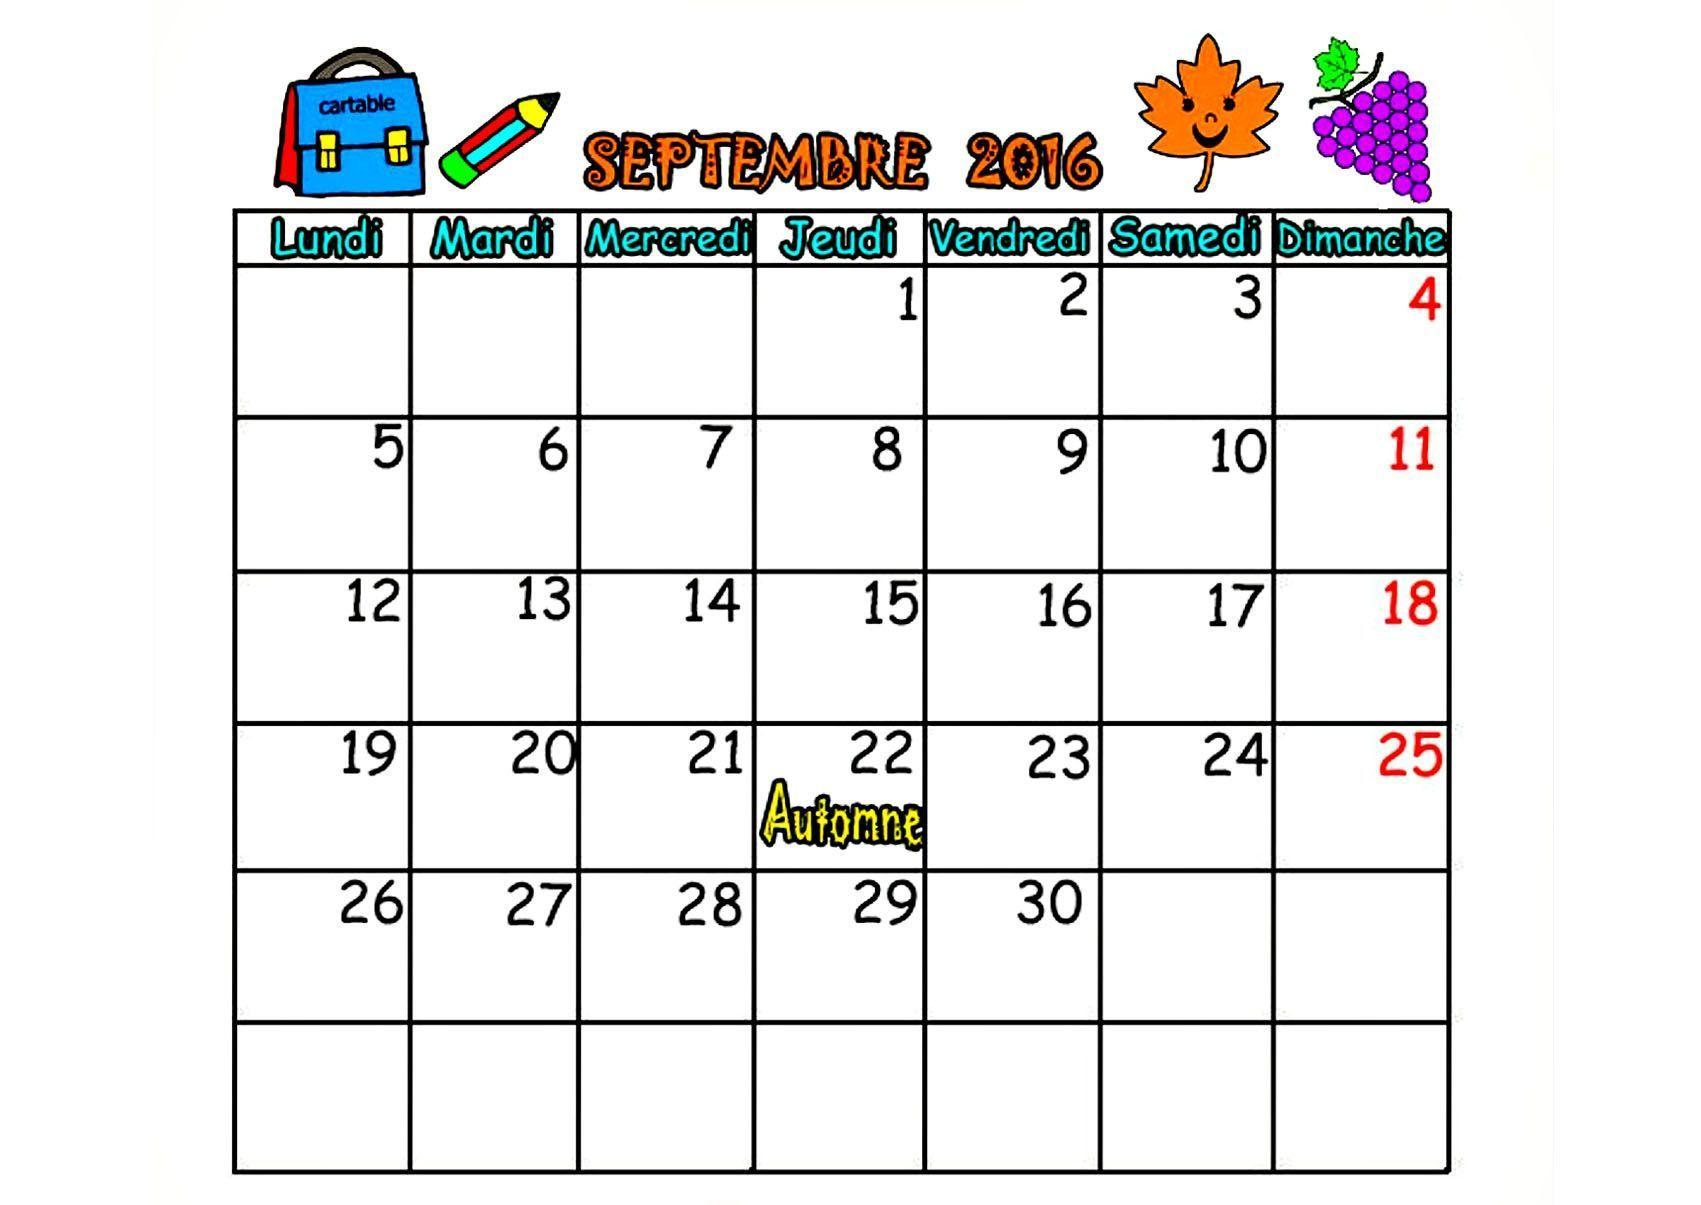 Calendrier 2016 mois septembre octobre novembre decembre - Calendrier lune septembre 2017 ...